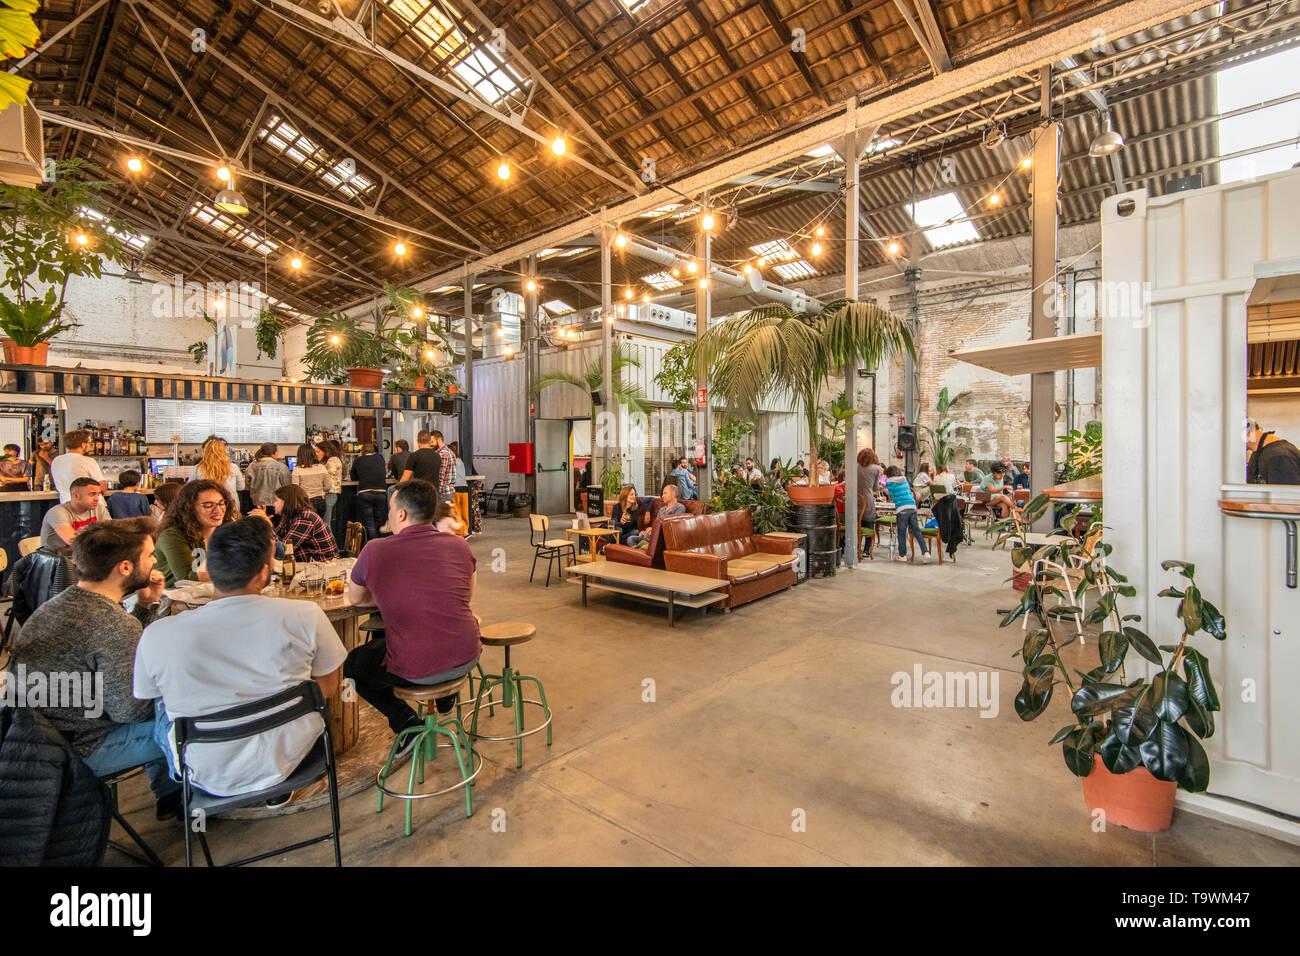 La Fabrica de Hielo espacio multifuncional que actúa como bar, música y eventos en el barrio del Cabanyal, Valencia, Comunidad Valenciana, España Imagen De Stock